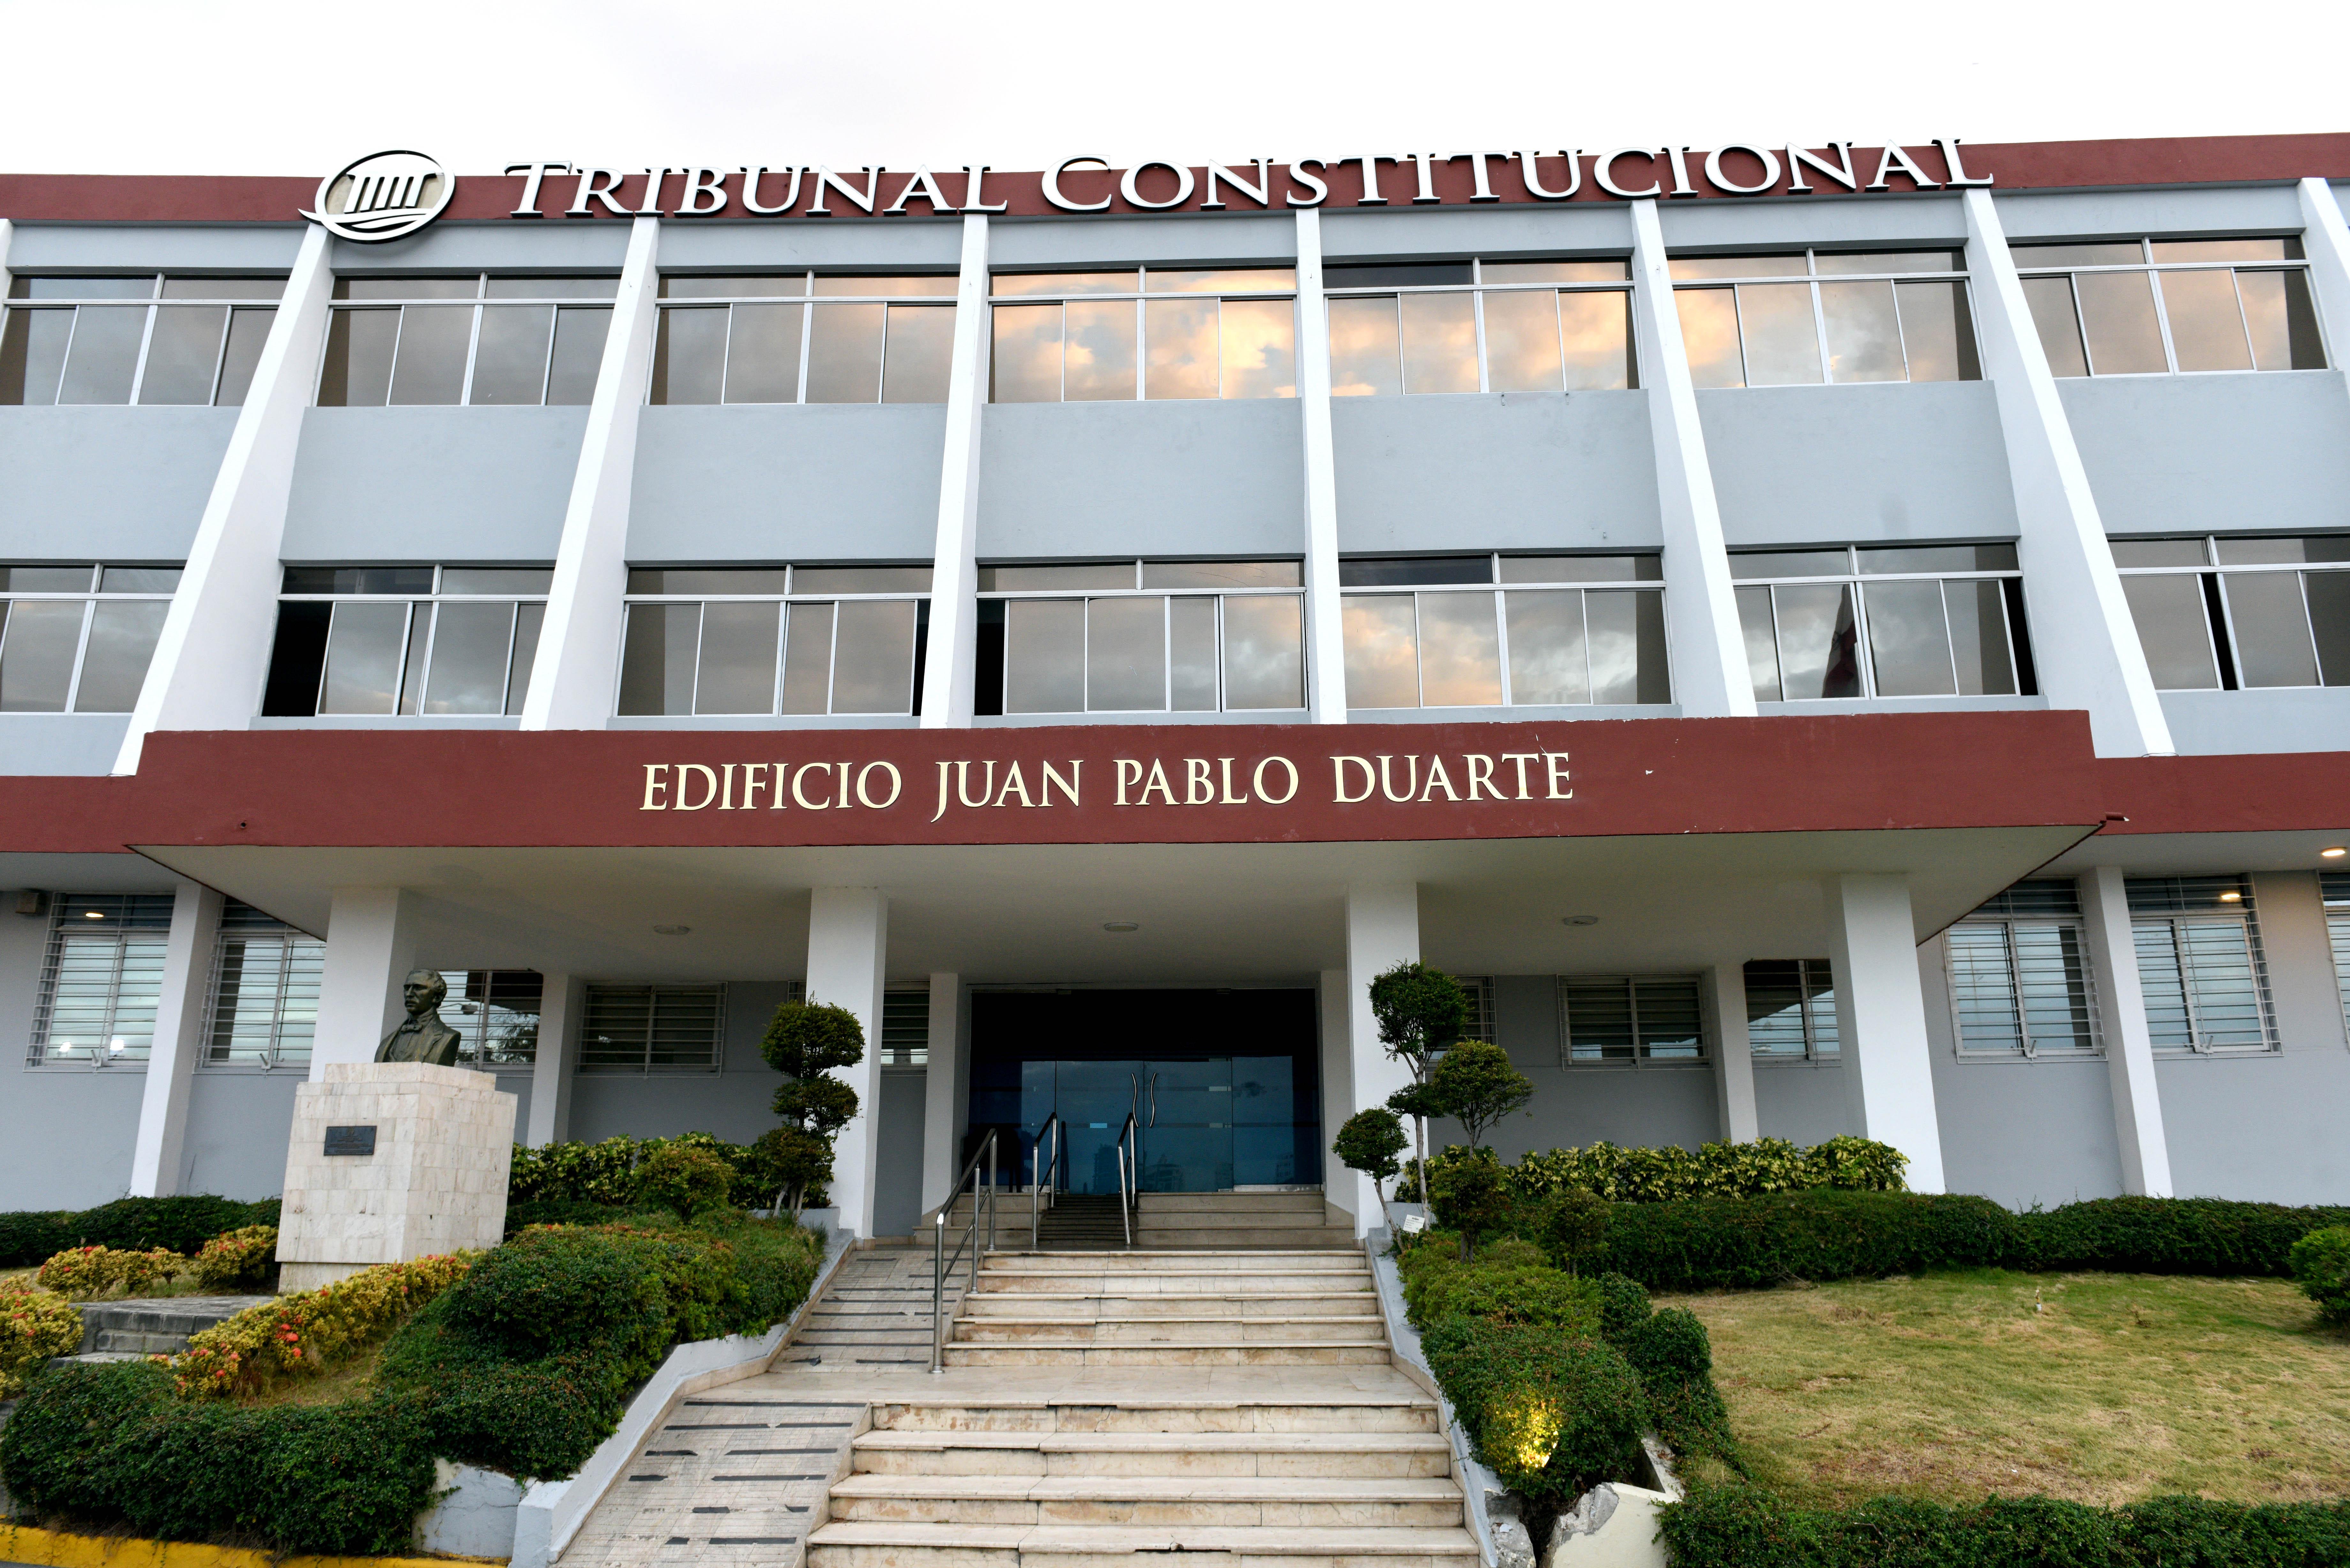 Tribunal Constitucional conoció y decidió seis expedientes sobre recursos de revisión de decisiones jurisdiccionales